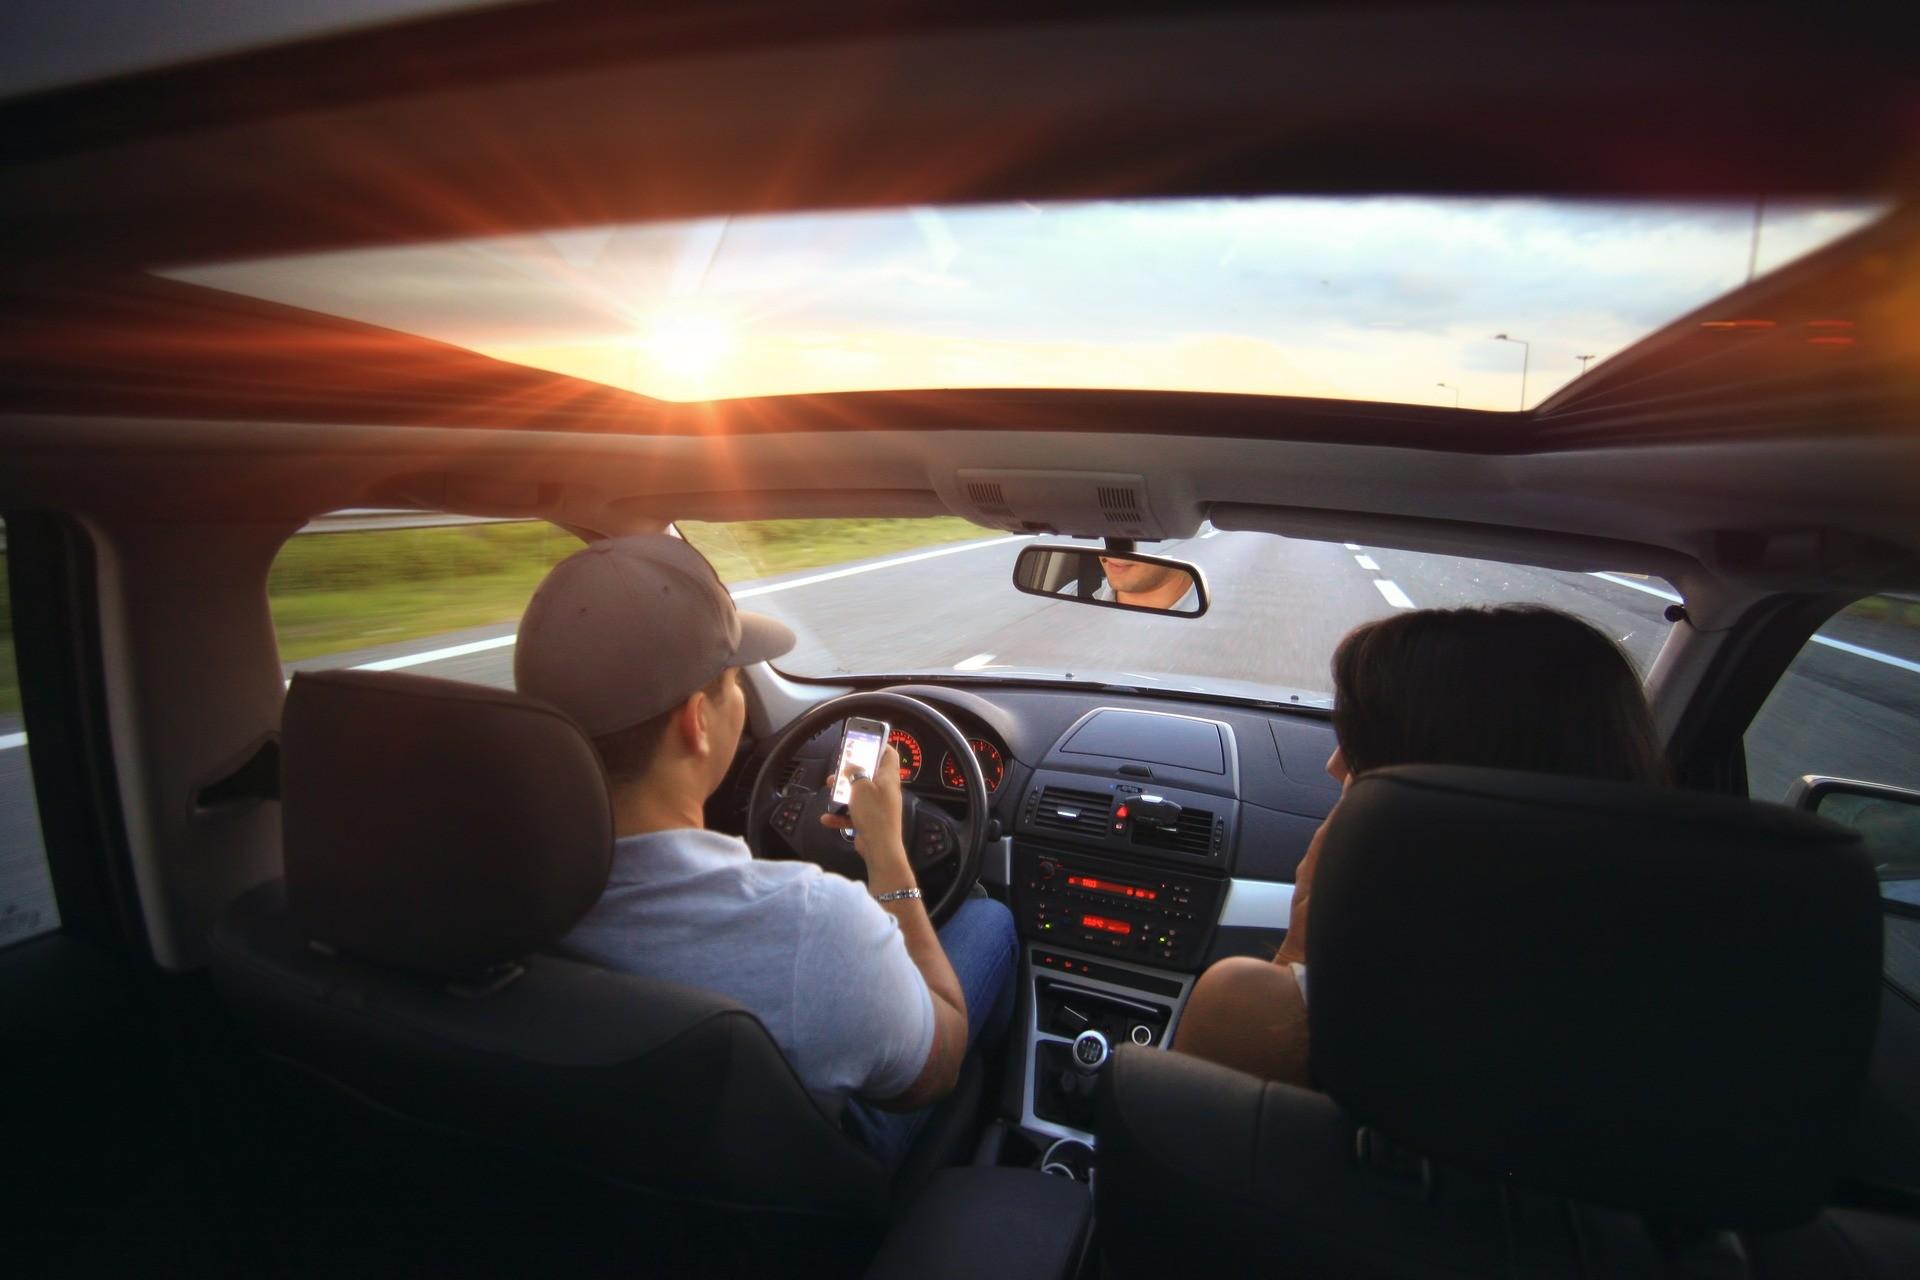 Milyen mértékben csökken az autó értéke 10 éves távlatban?